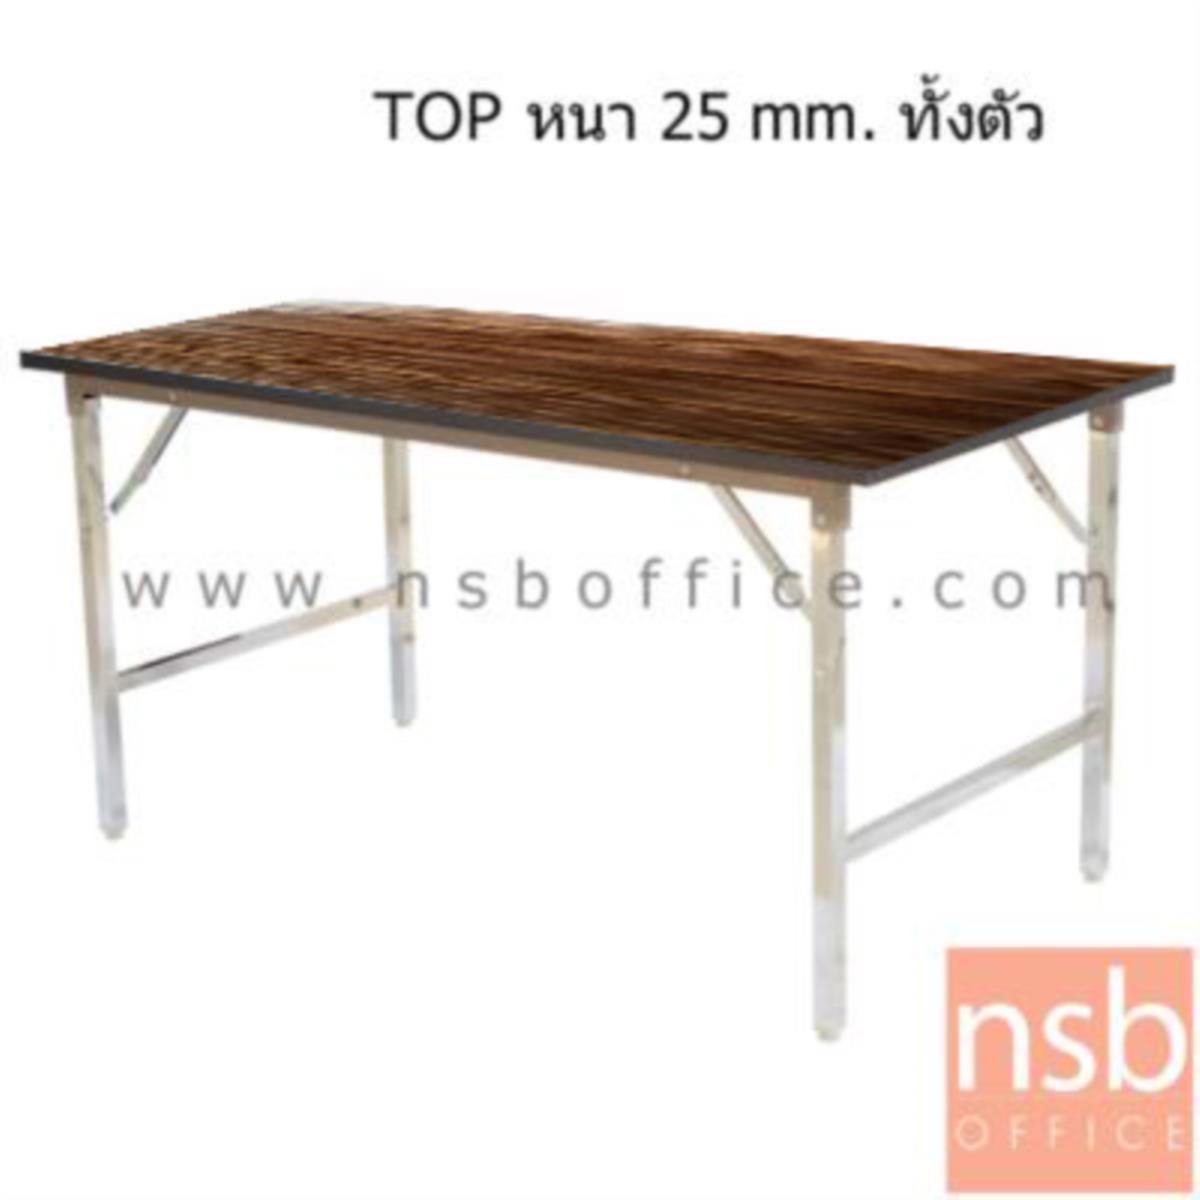 โต๊ะพับหน้าโฟเมก้าลายไม้ รุ่น navut (นาวุต)